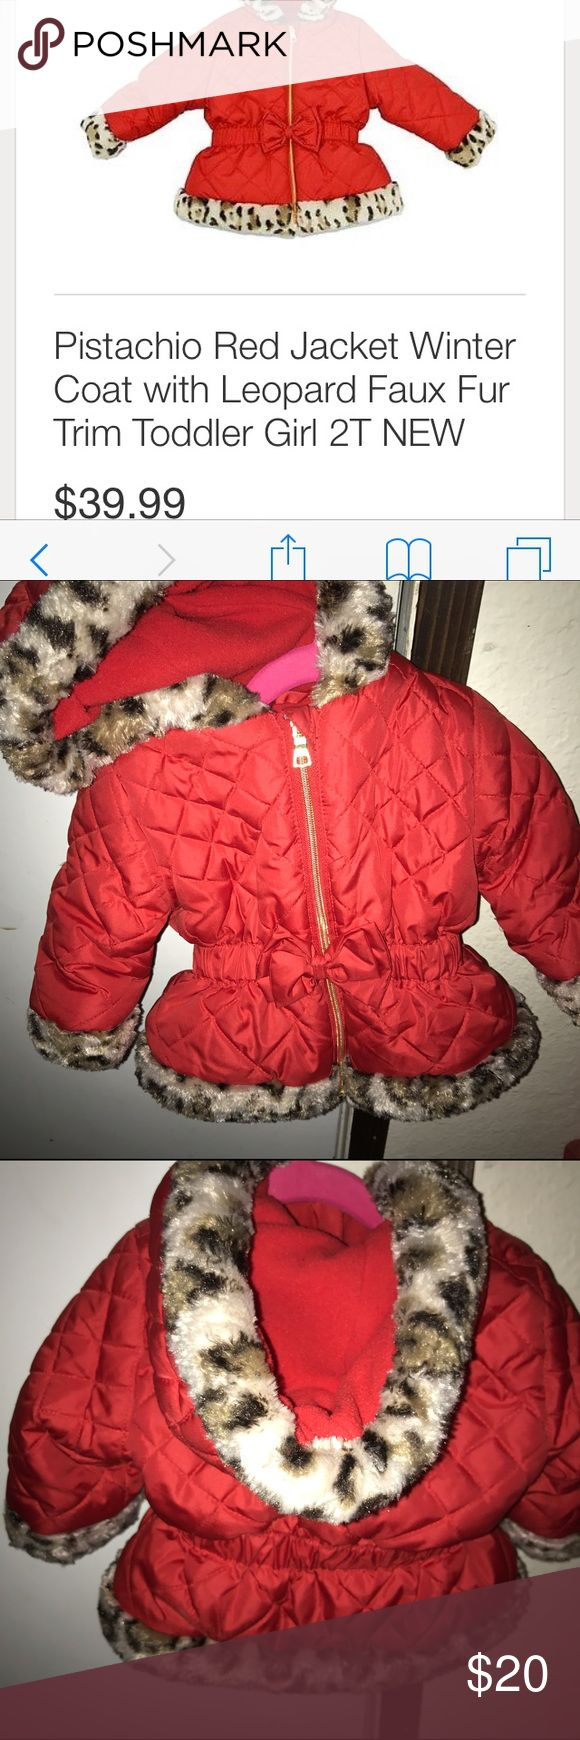 Pistachio 12 MO winter coat Perfect condition Authentic Pistachio Brand 12 MO winter coat. Jackets & Coats